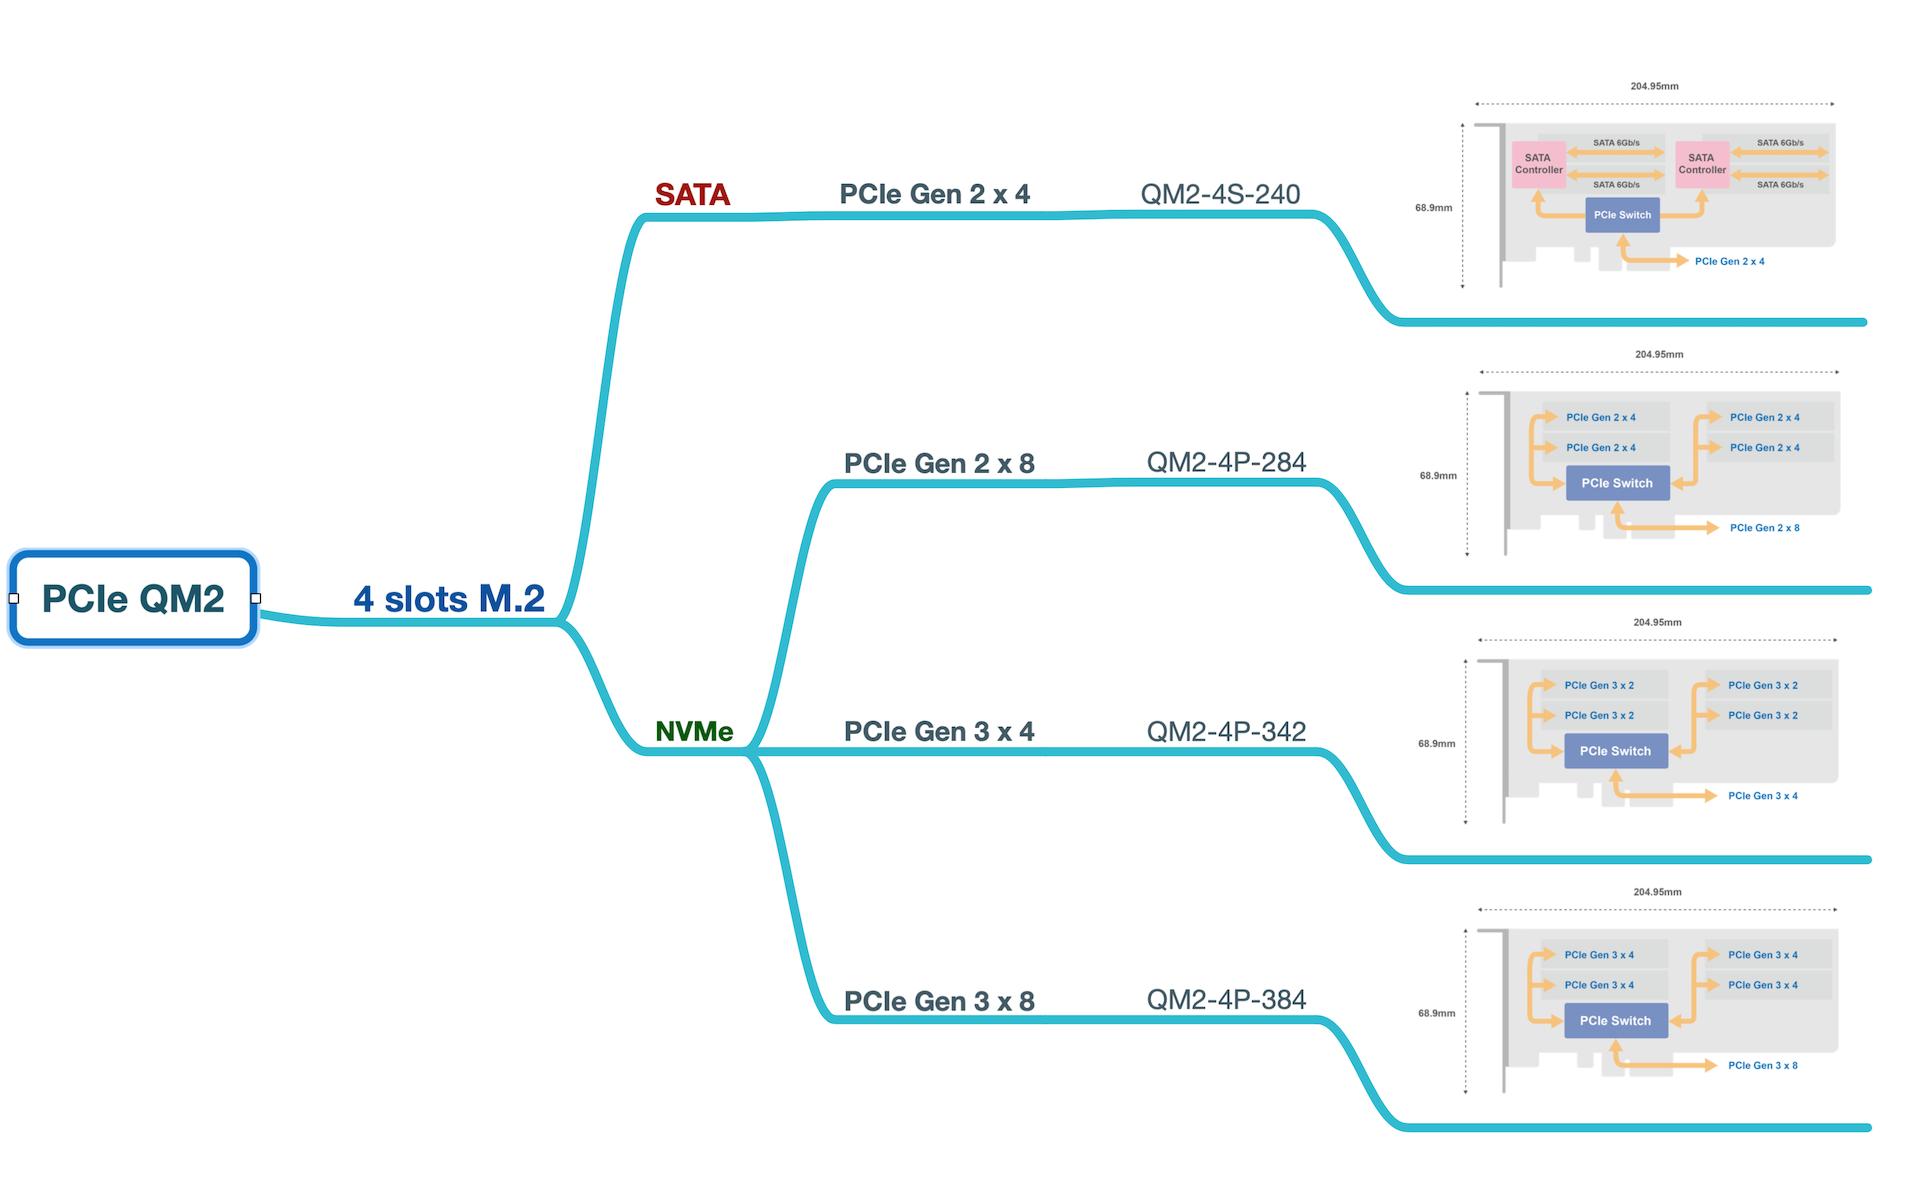 QNAP QM2 4 slots para M.2